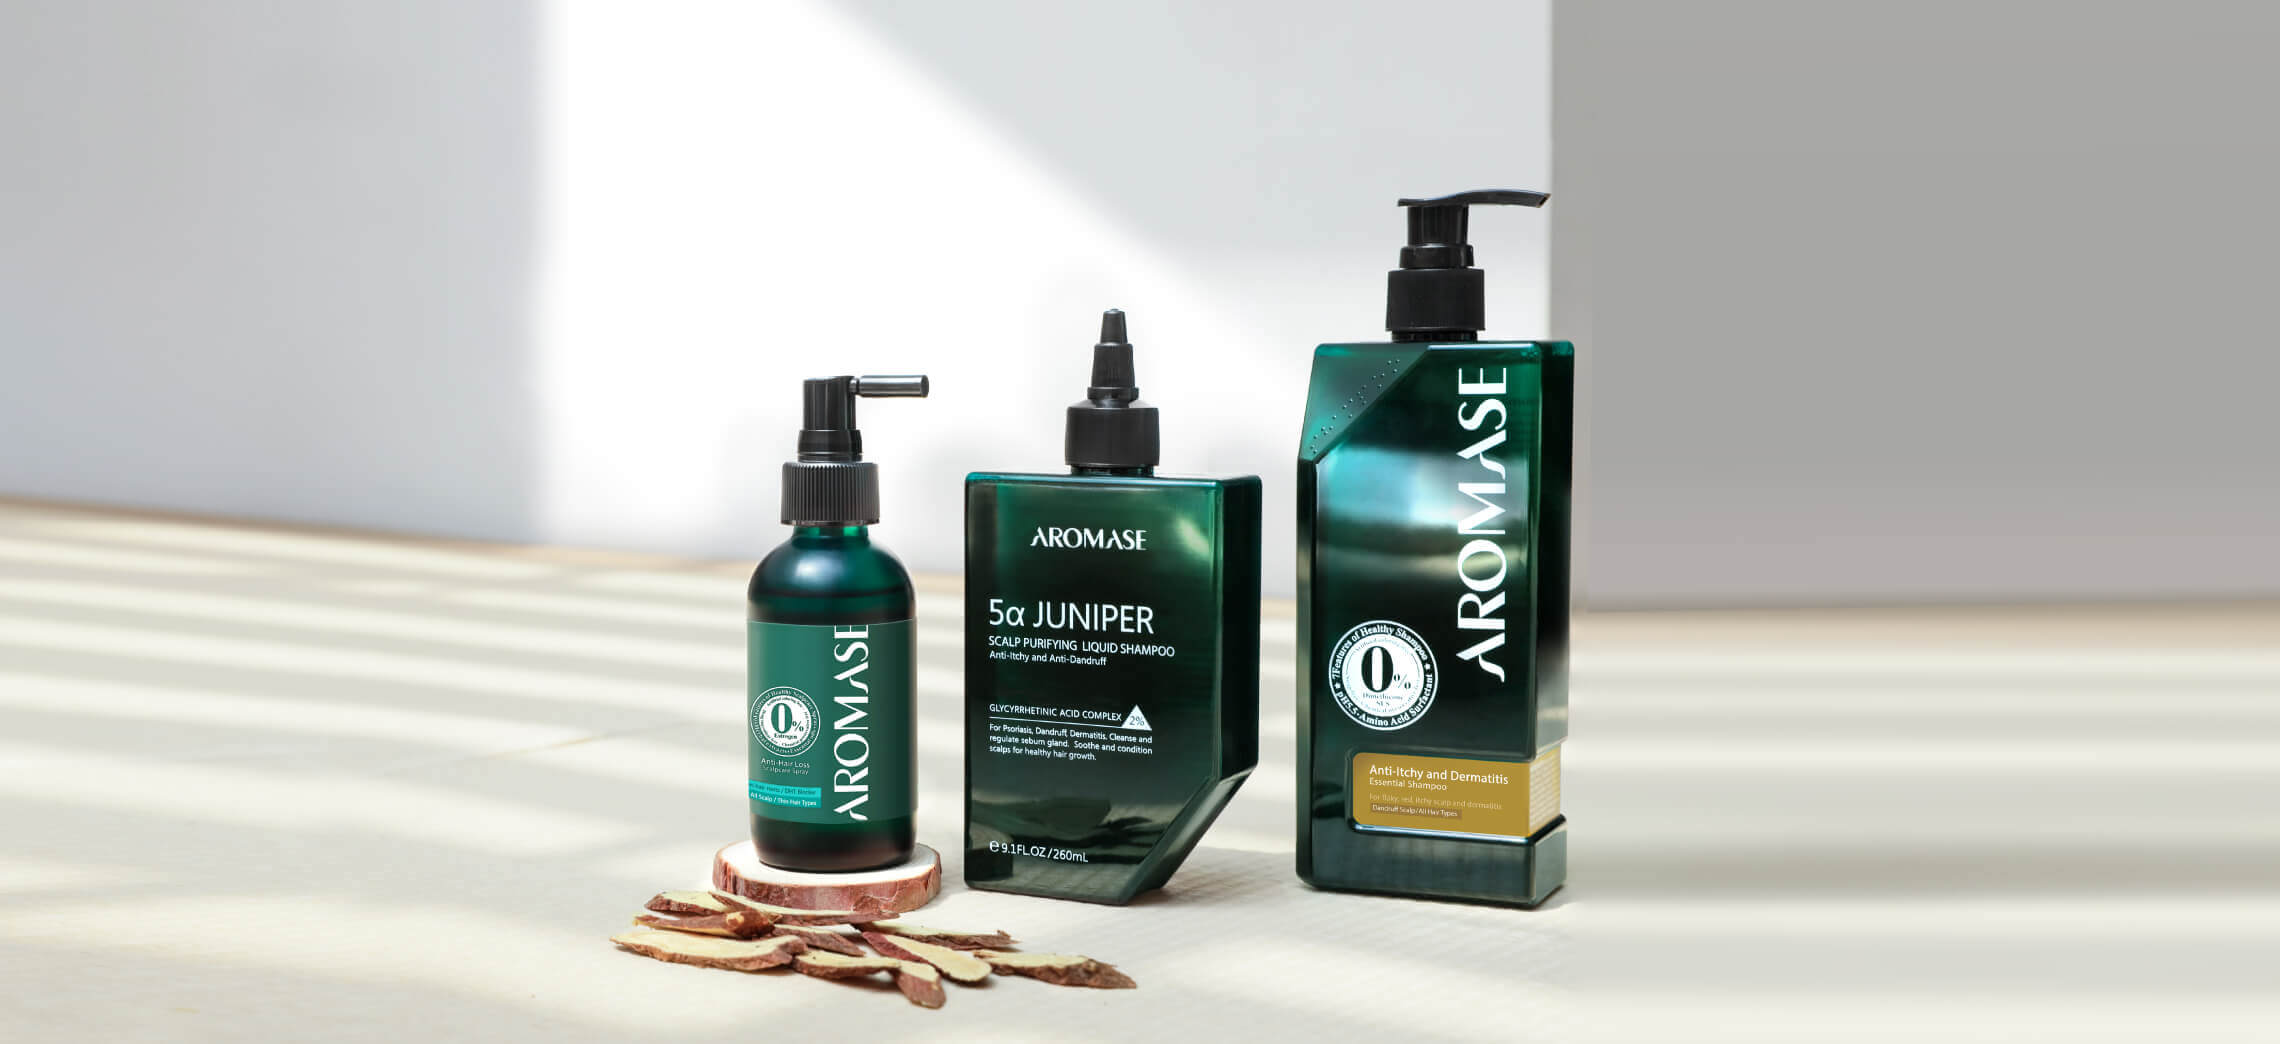 AROMASE-Dermatitis scalp solution